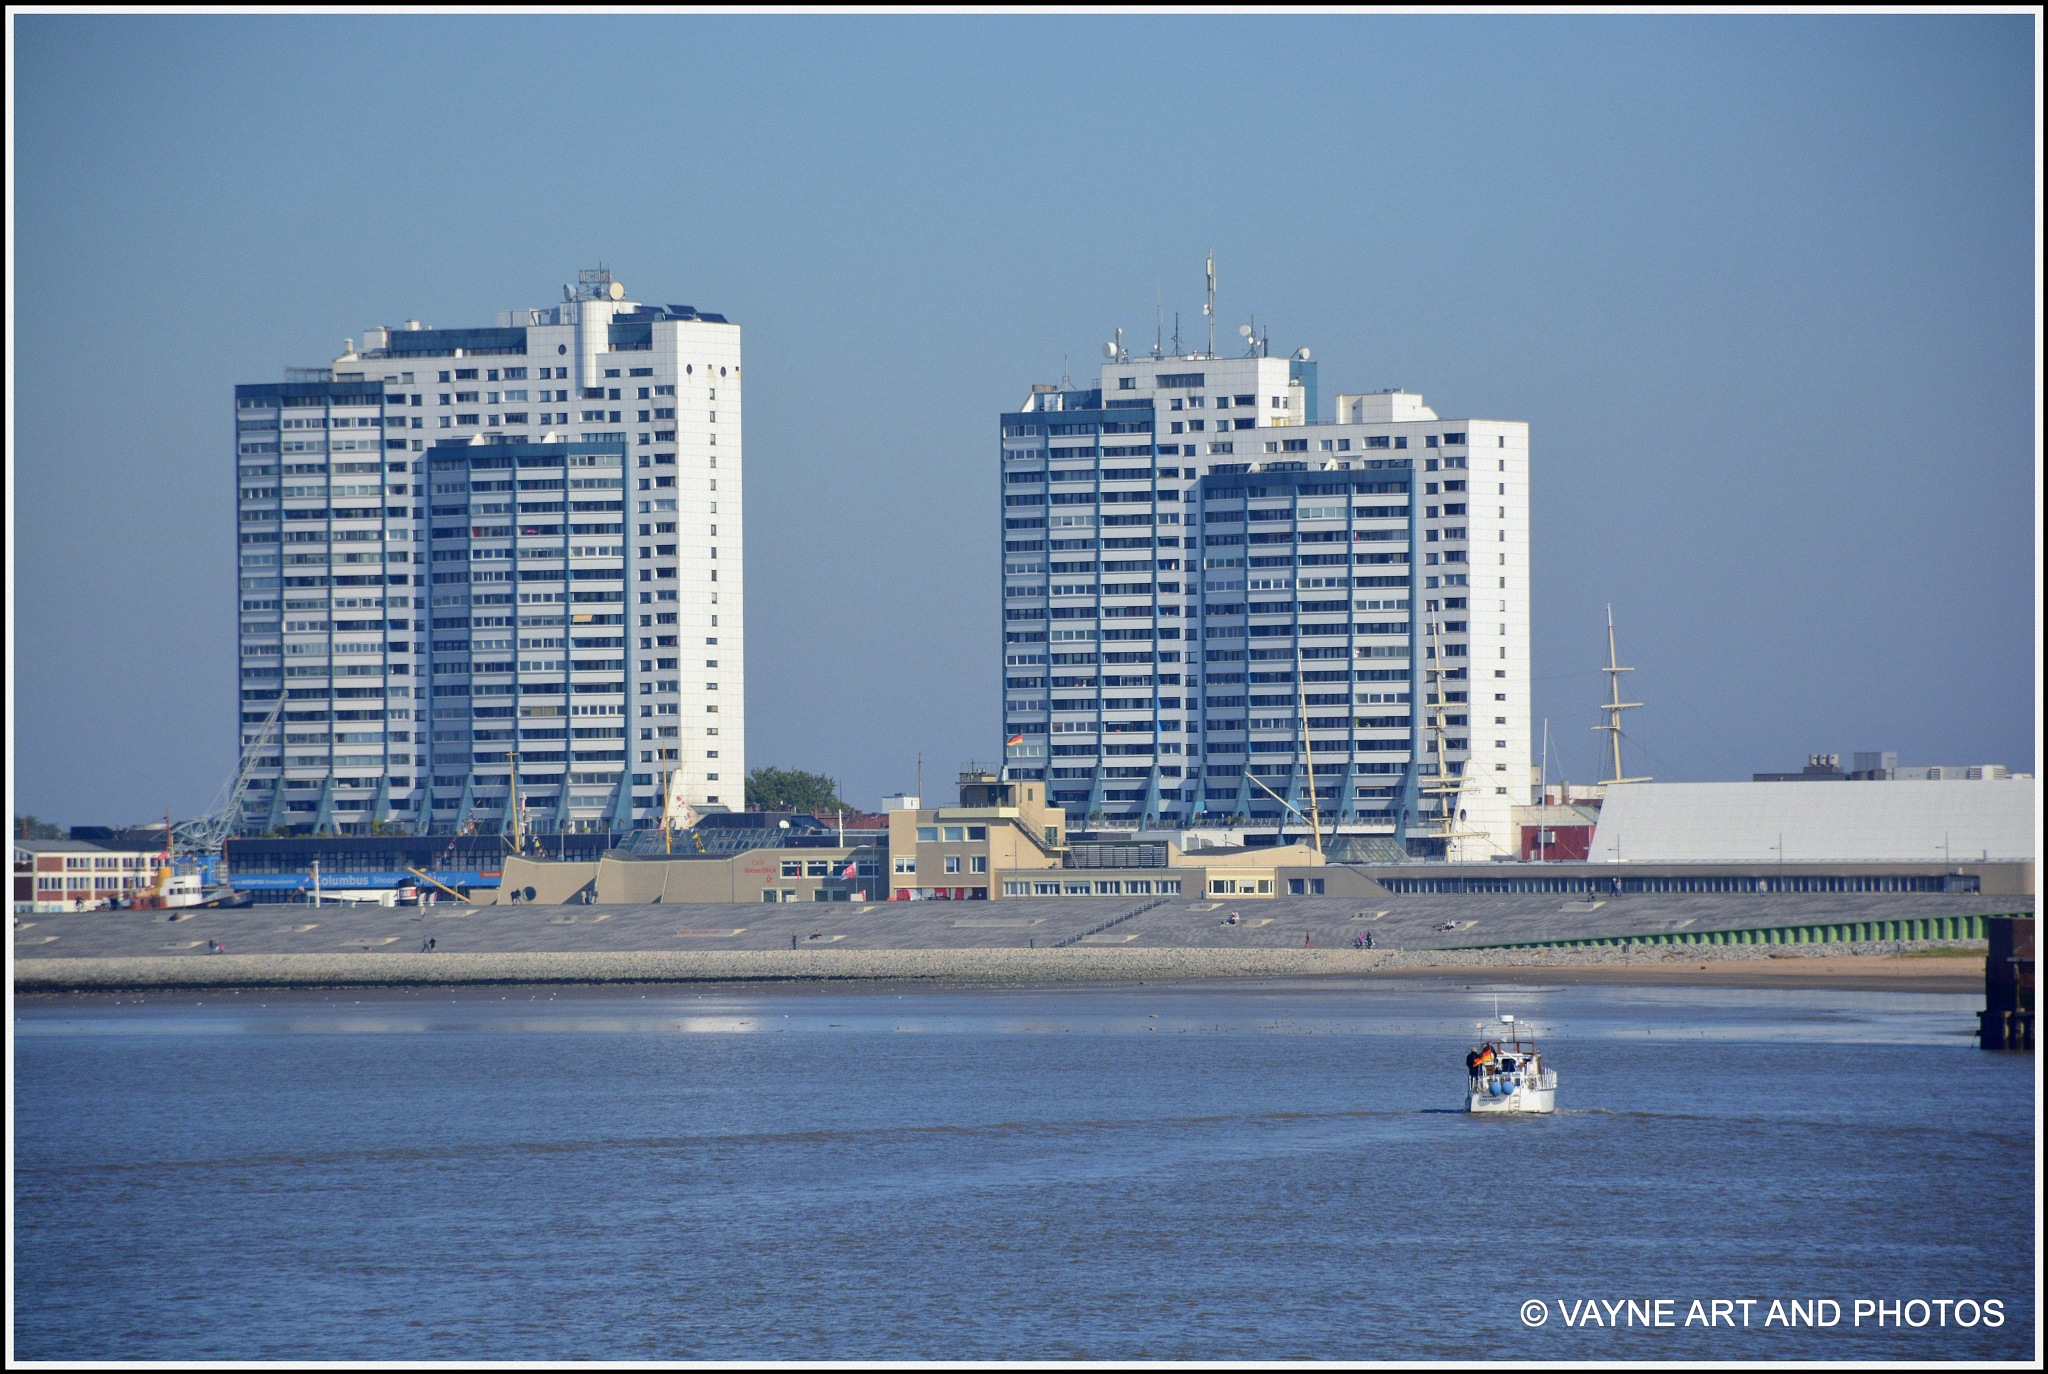 View on Bremerhafen by Jacob van der Veen